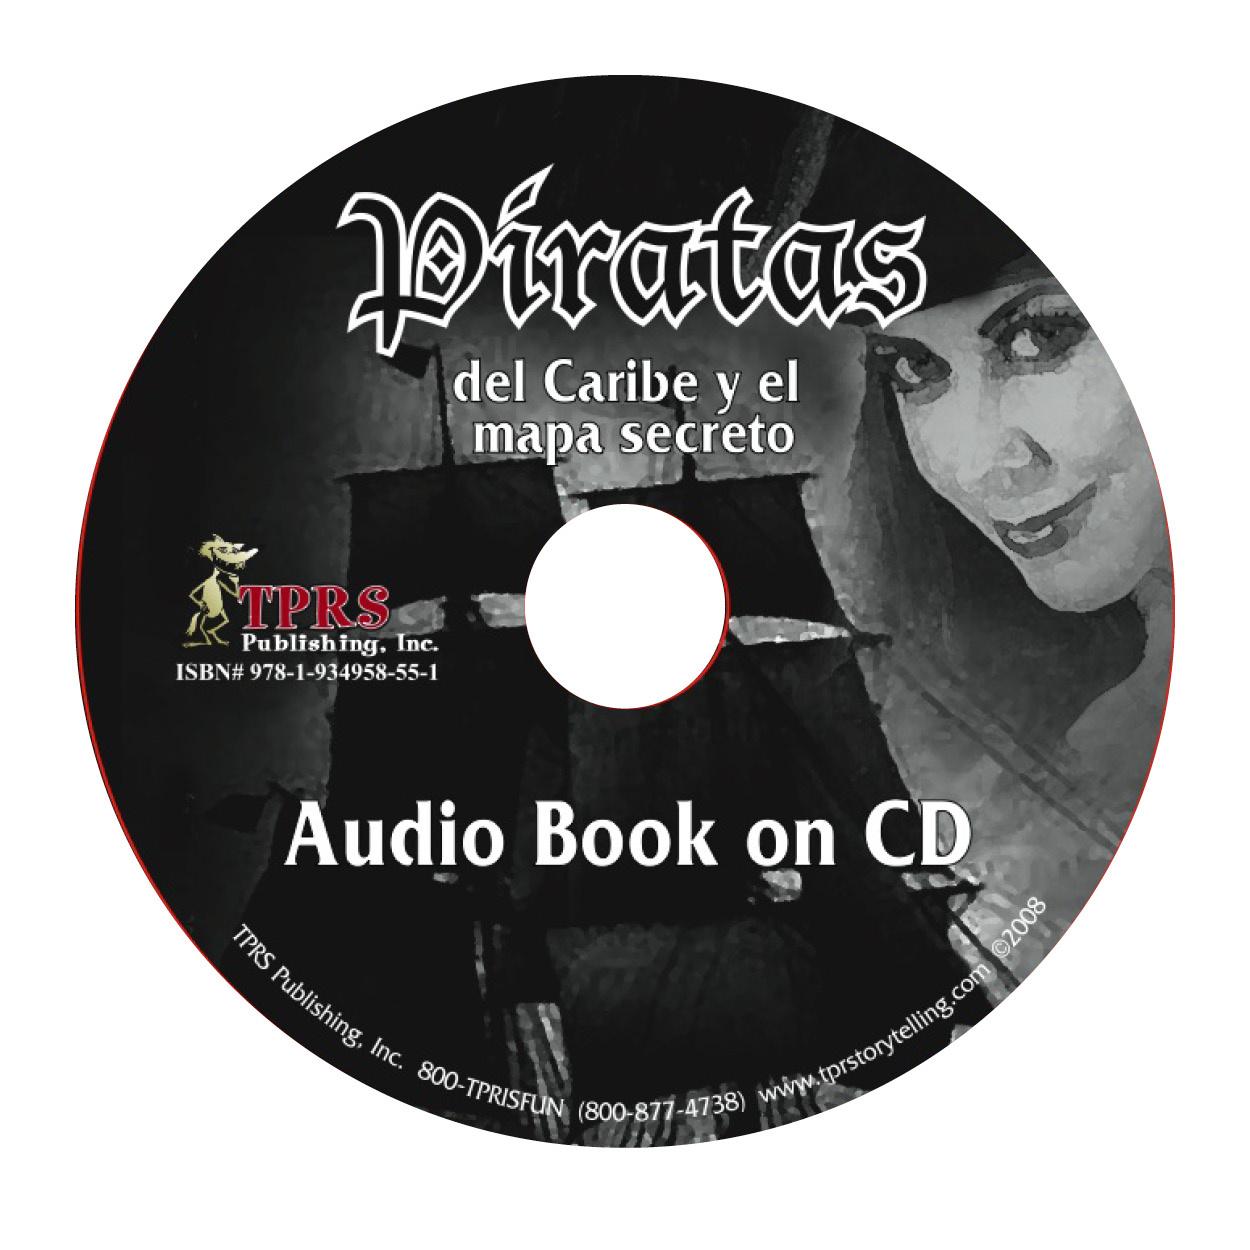 Piratas del Caribe y el mapa secreto - audio book